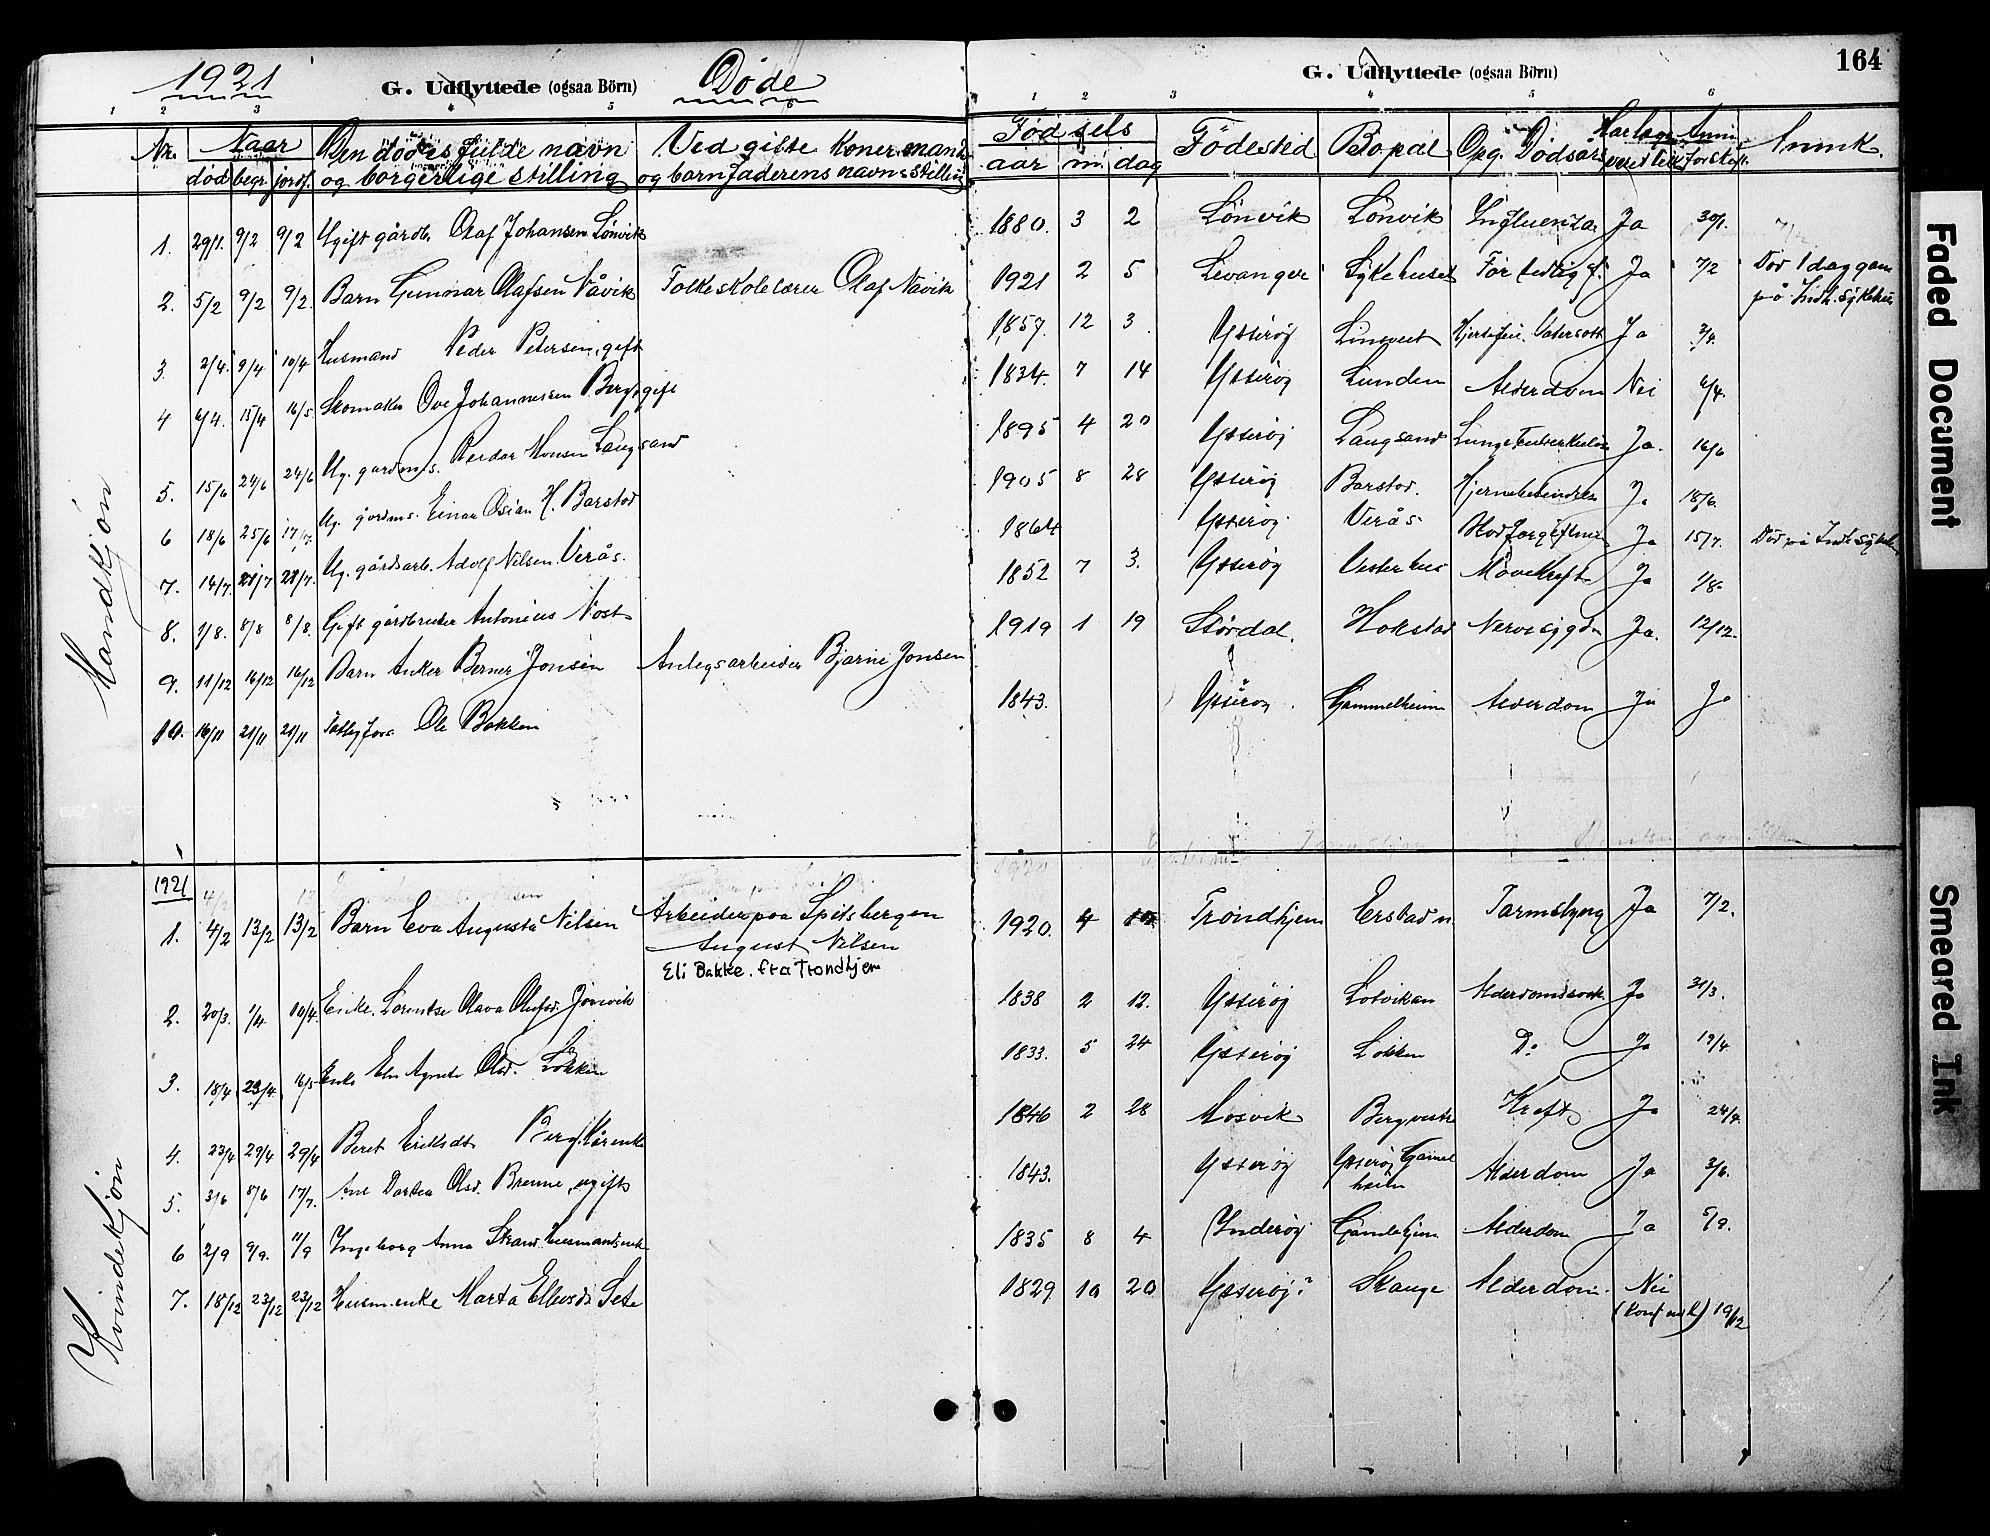 SAT, Ministerialprotokoller, klokkerbøker og fødselsregistre - Nord-Trøndelag, 722/L0226: Klokkerbok nr. 722C02, 1889-1927, s. 164